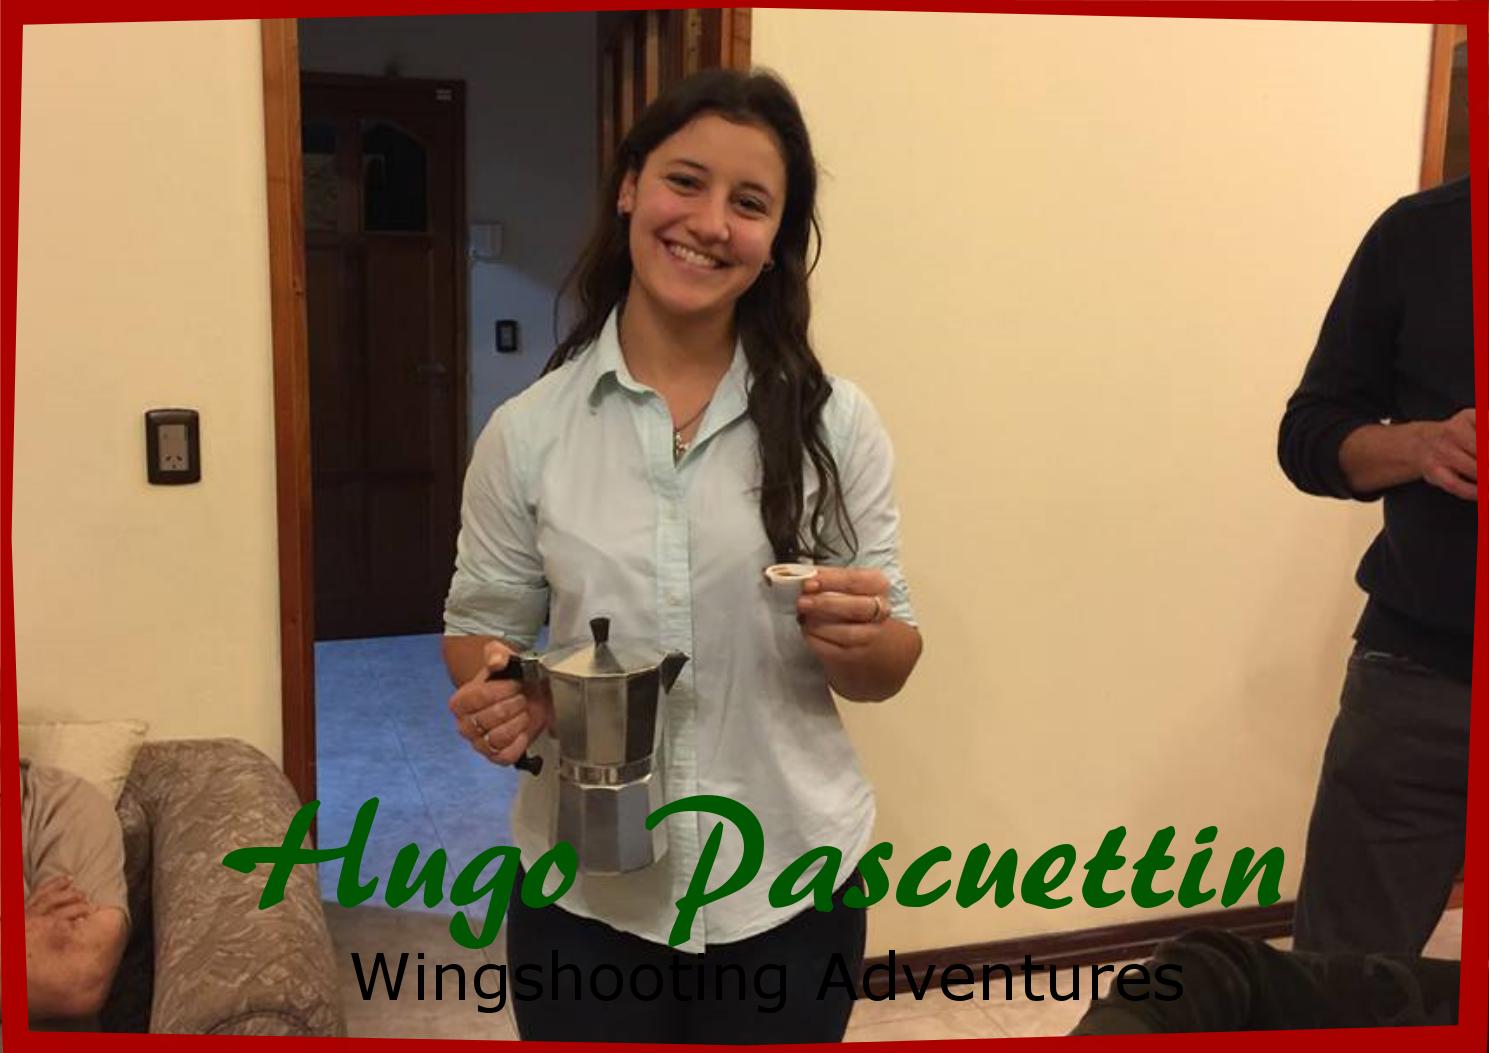 Wingshooting Adventures